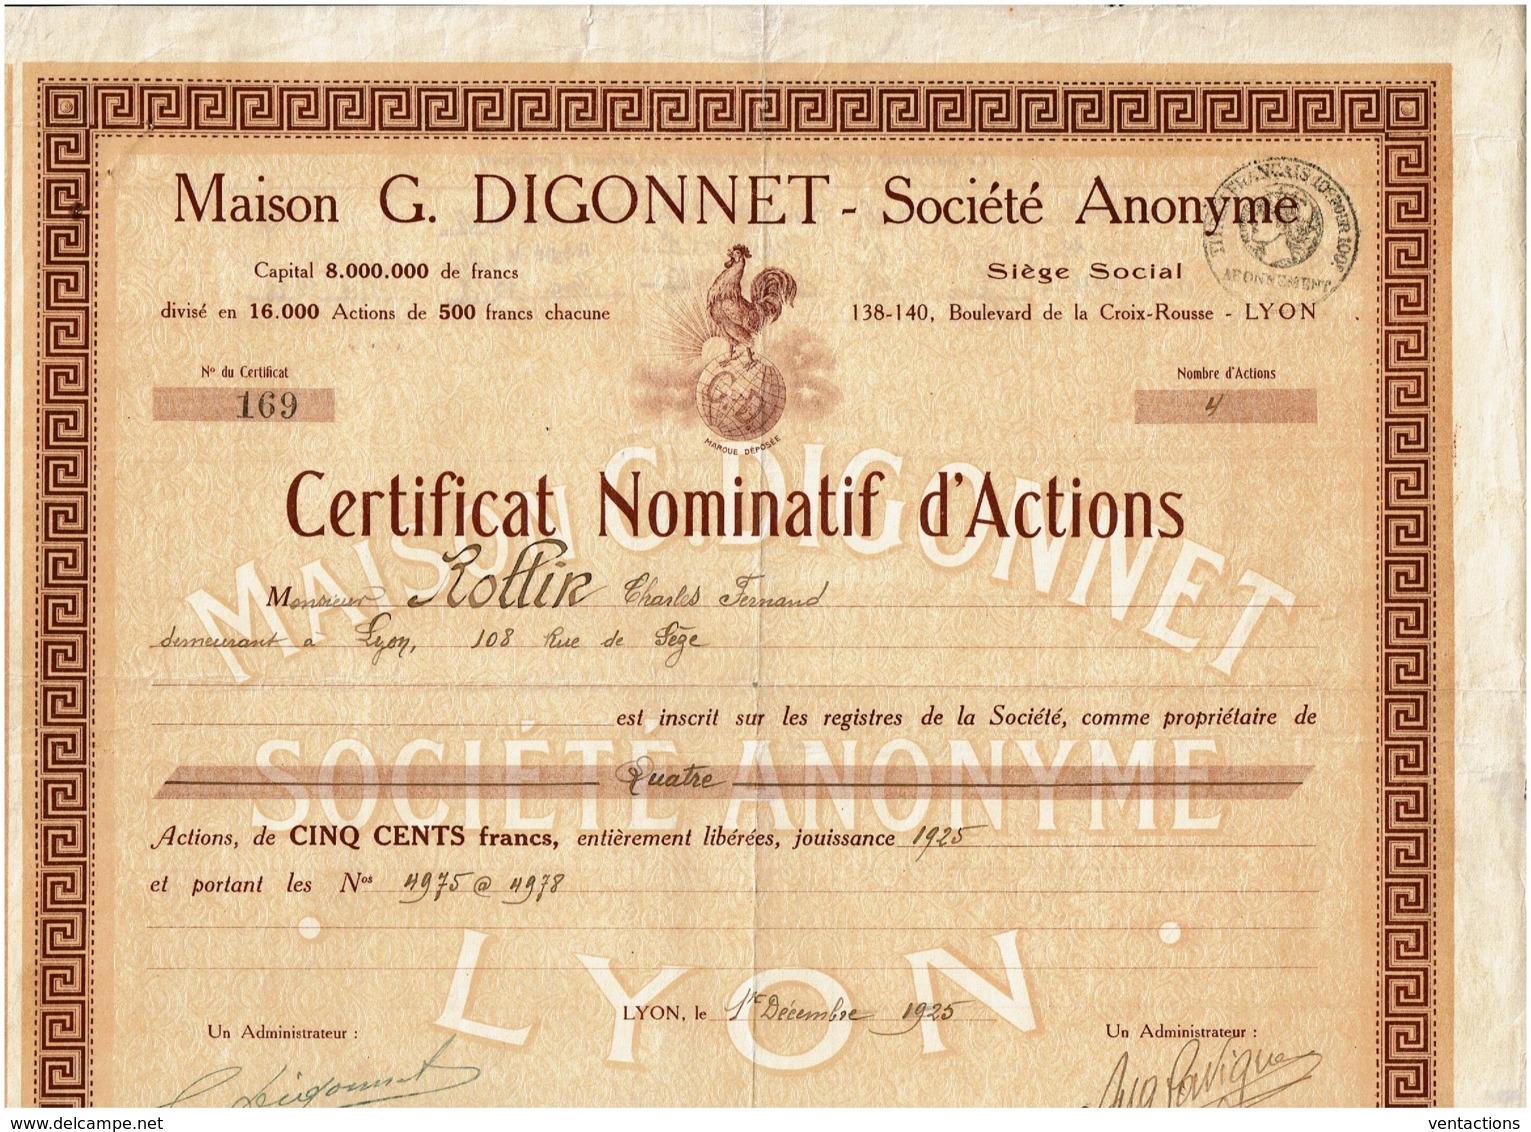 69-DIGONNET. Maison G. DIGONNET. LYON. DECO COQ Sur Mappemonde. CNA - Shareholdings